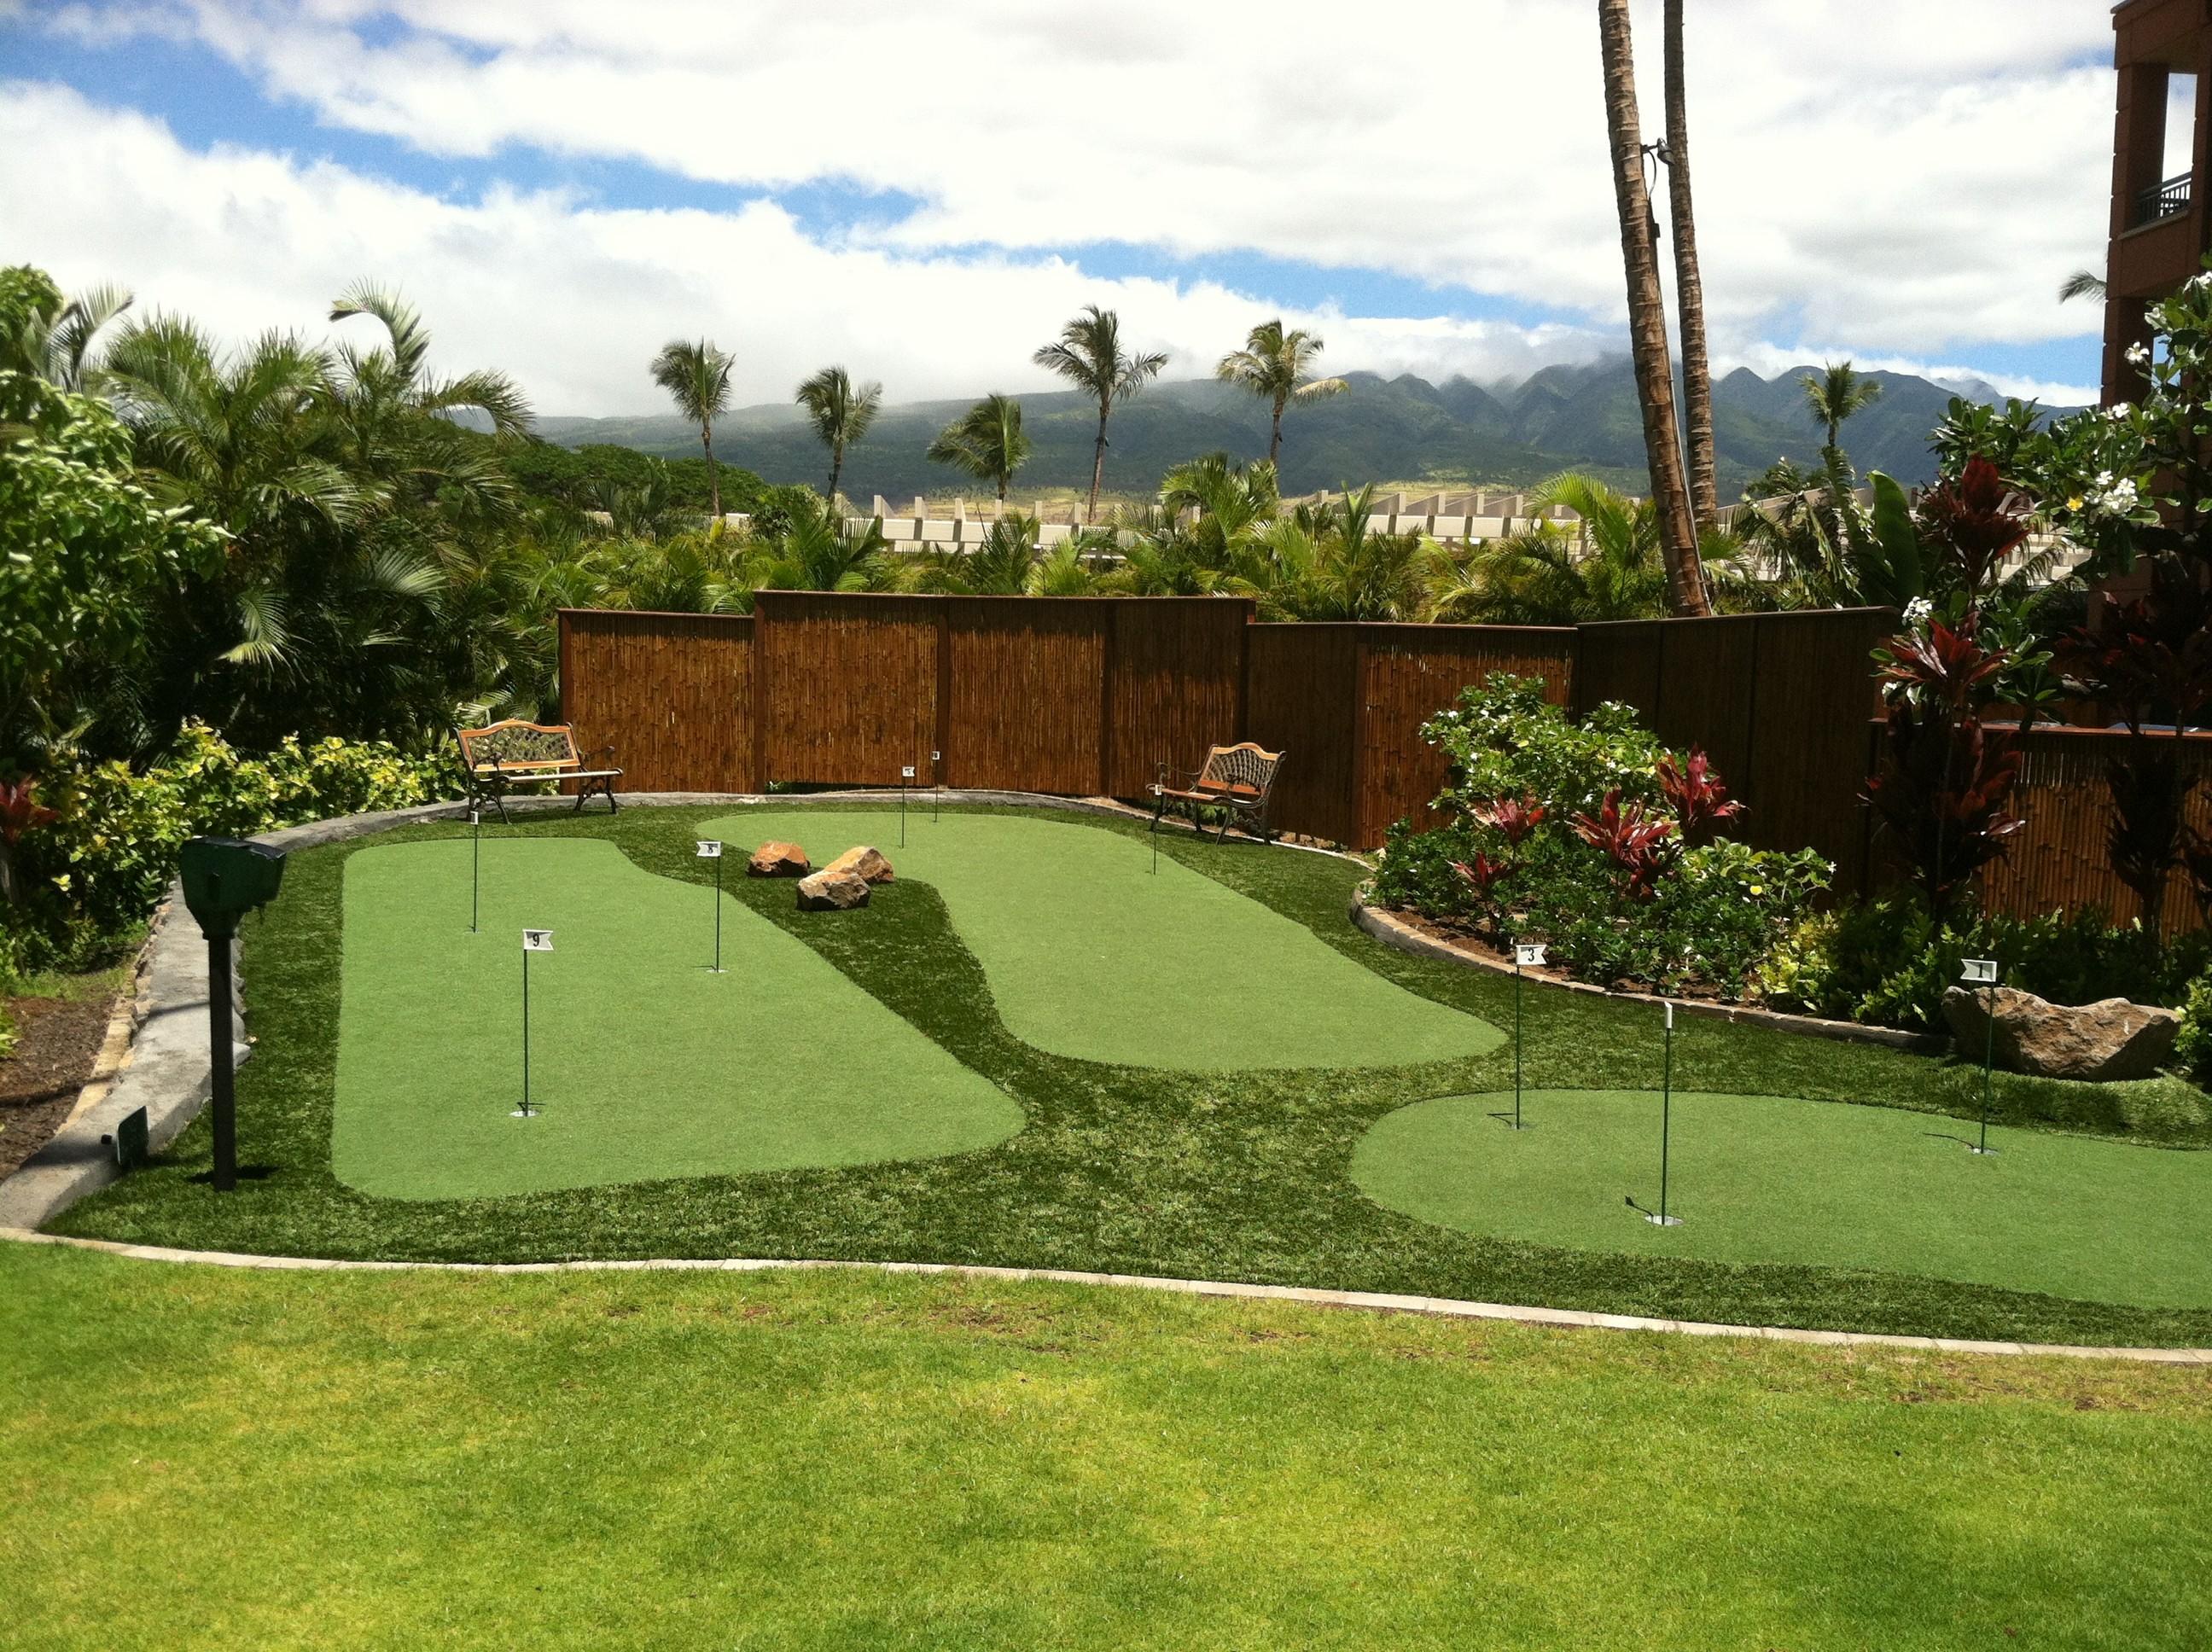 hawaii putting greens maui artificial golf grass